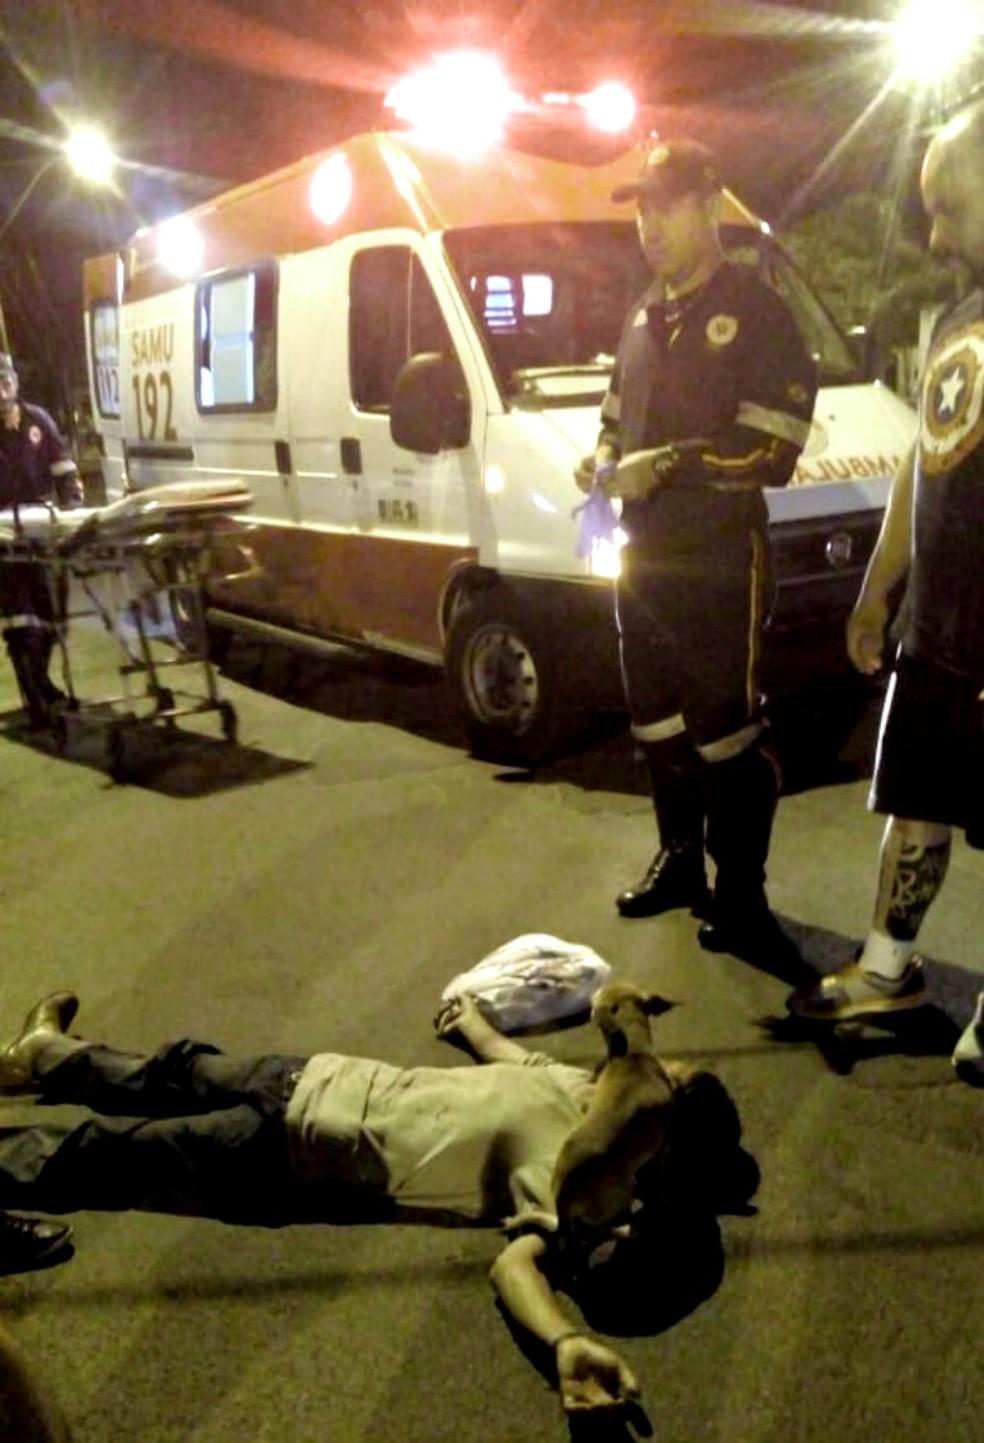 Paramédicos do Samu tiveram dificuldades para se aproximar do catador porque cães avançavam contra quem se aproximava — Foto: Thaís Brandão/Arquivo pessoal